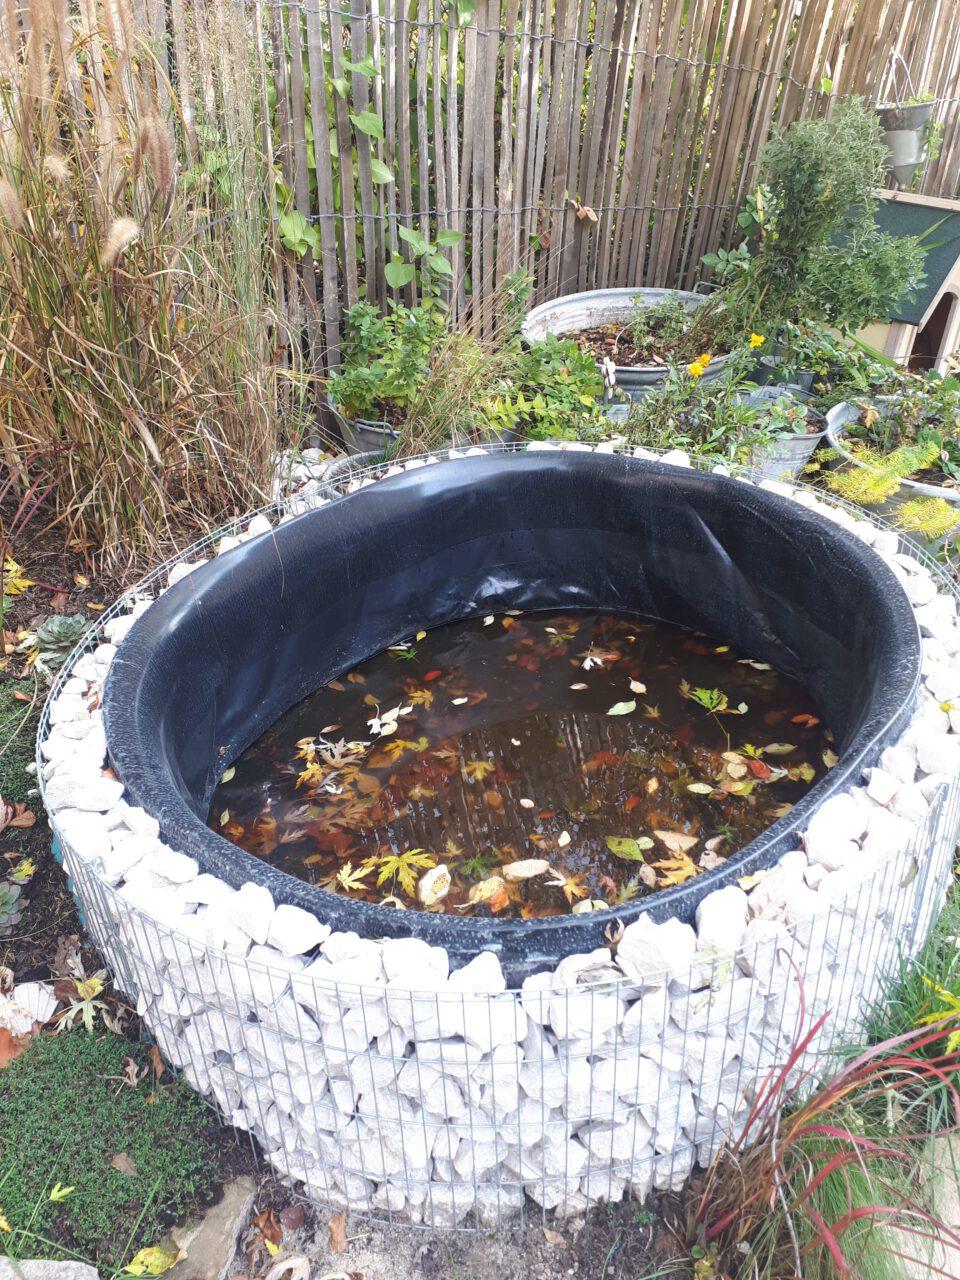 Damit keine Blätter und Tiere ins Wasser fallen können, braucht man auch bei einem individuellen Bau eine Abdeckung